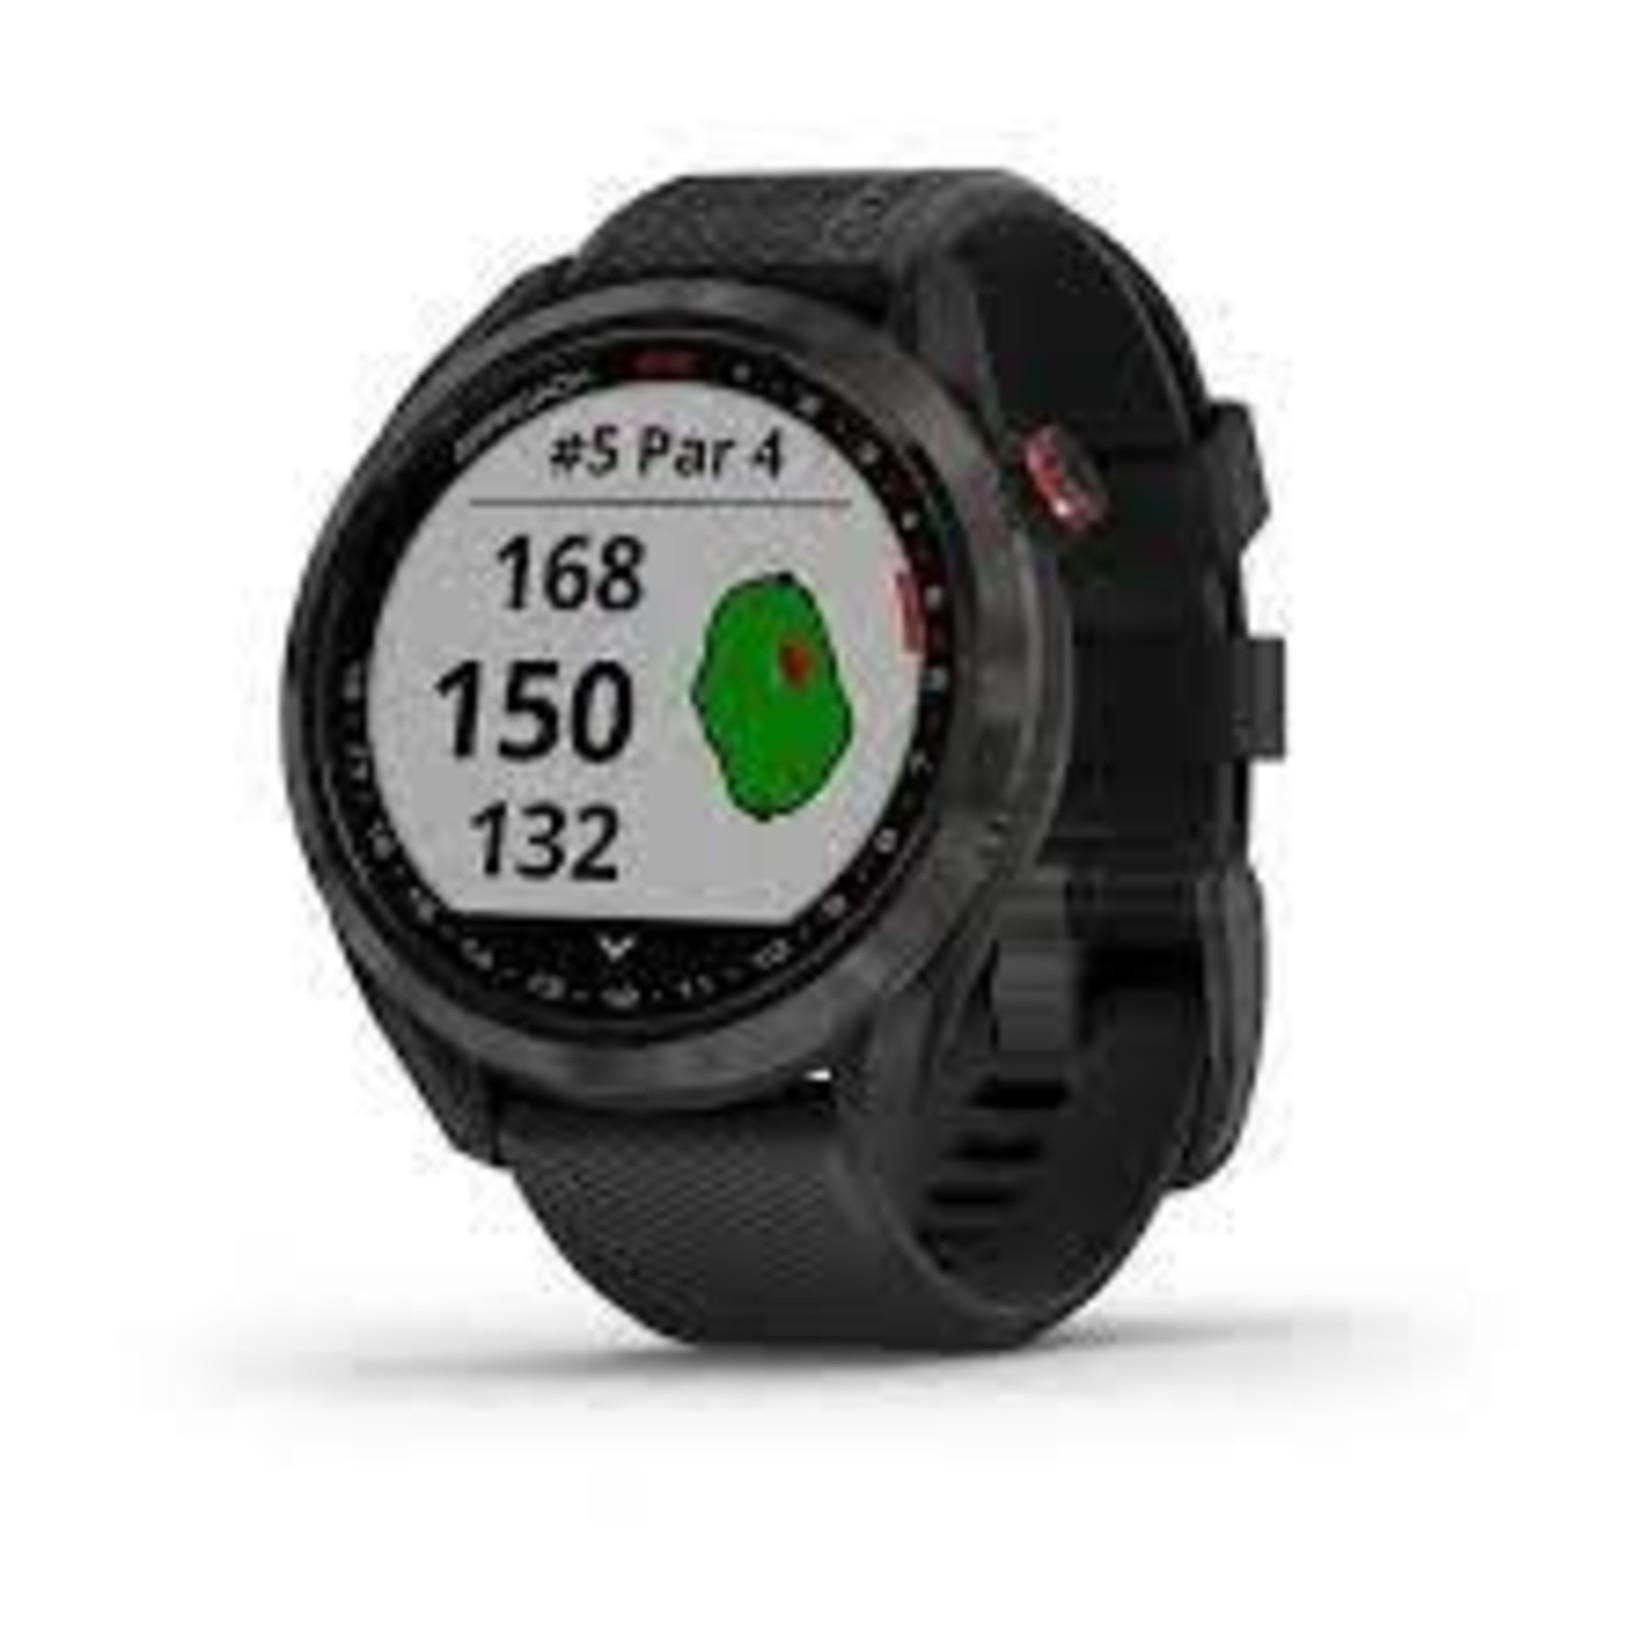 GARMIN GARMIN GPS DEVICES